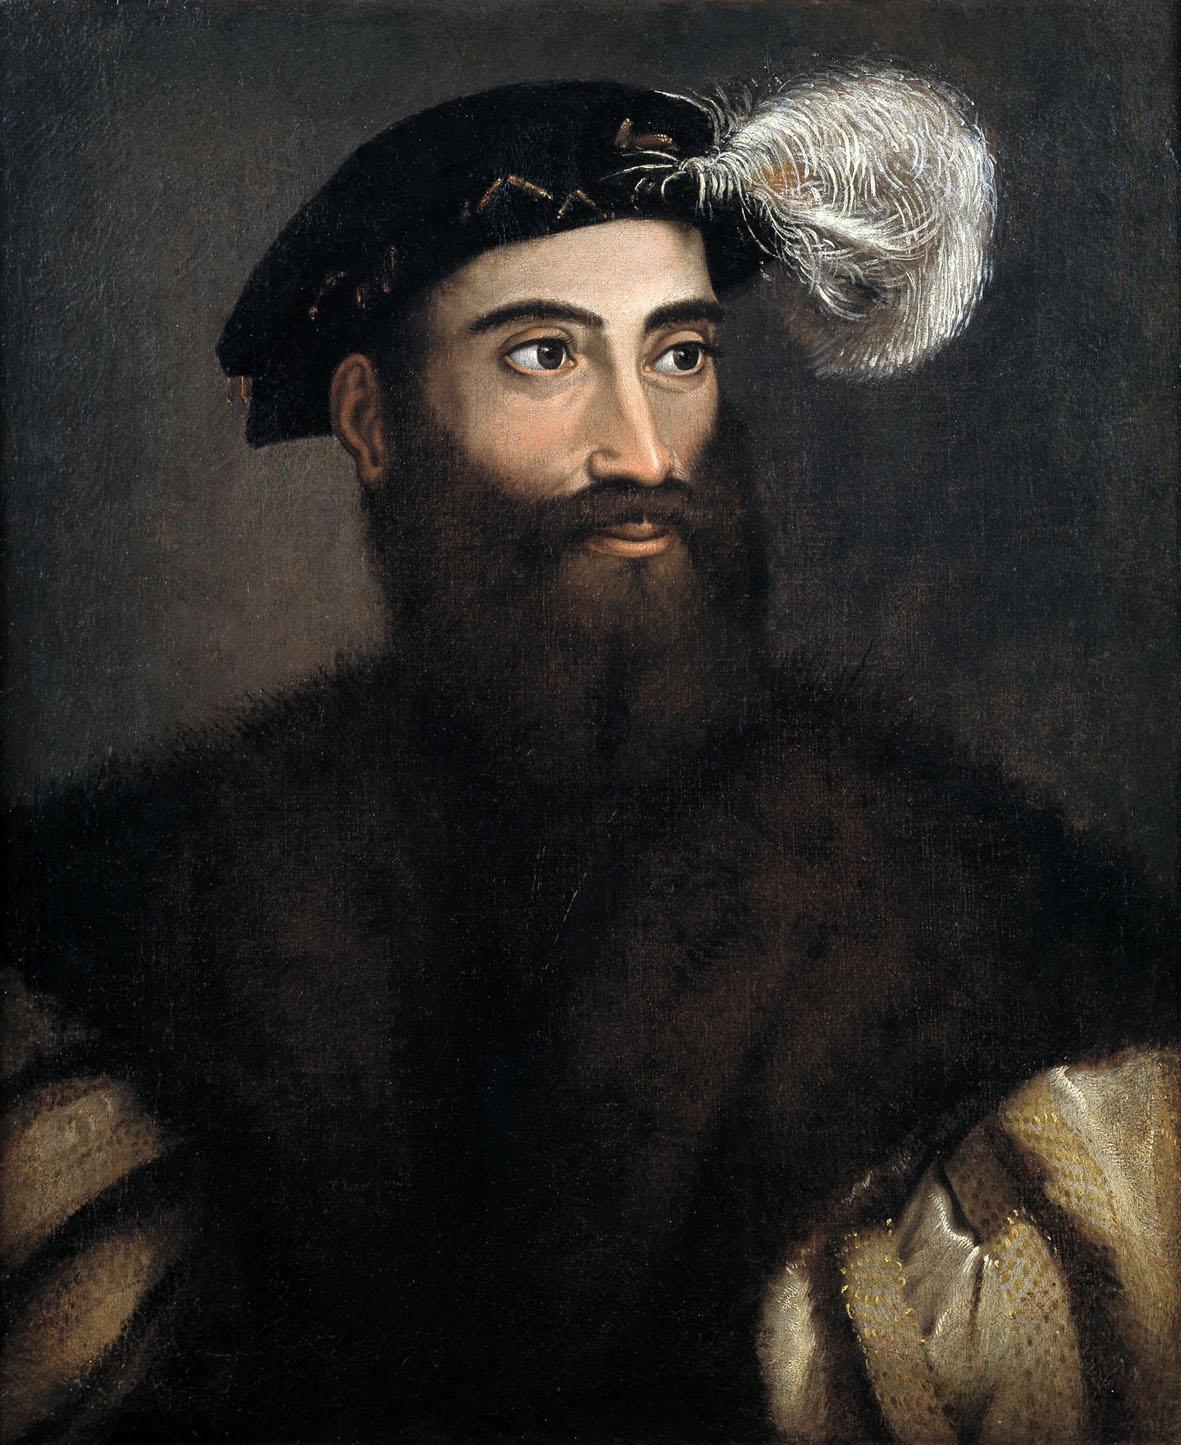 Il Cinquecento da Tiziano a van Dyck. Cinquanta opere dalla collezione Alessandra in mostra a Treviso